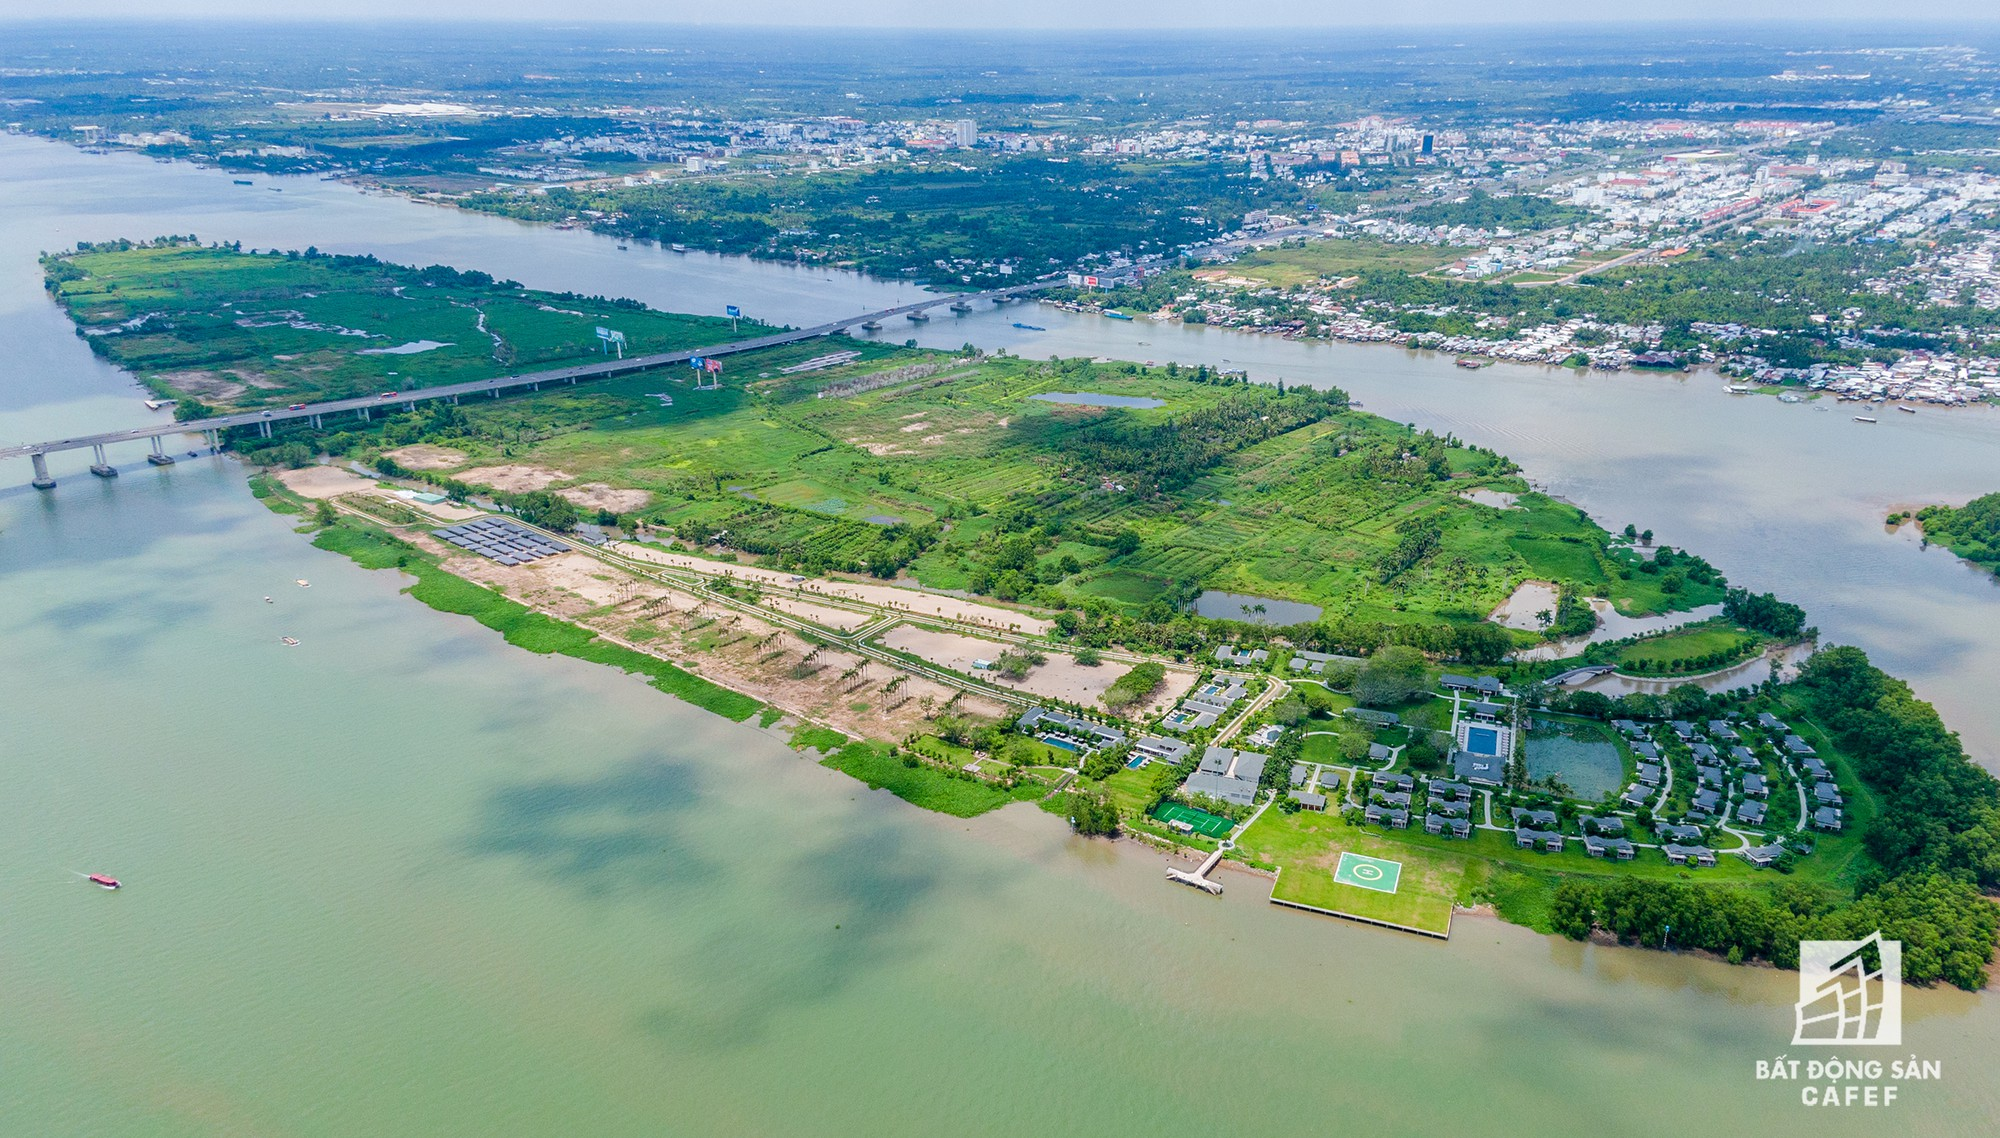 Toàn cảnh tiến độ các dự án của Novaland năm 2019 tại TP.HCM, Vũng Tàu, Phan Thiết và Cam Ranh - Ảnh 24.